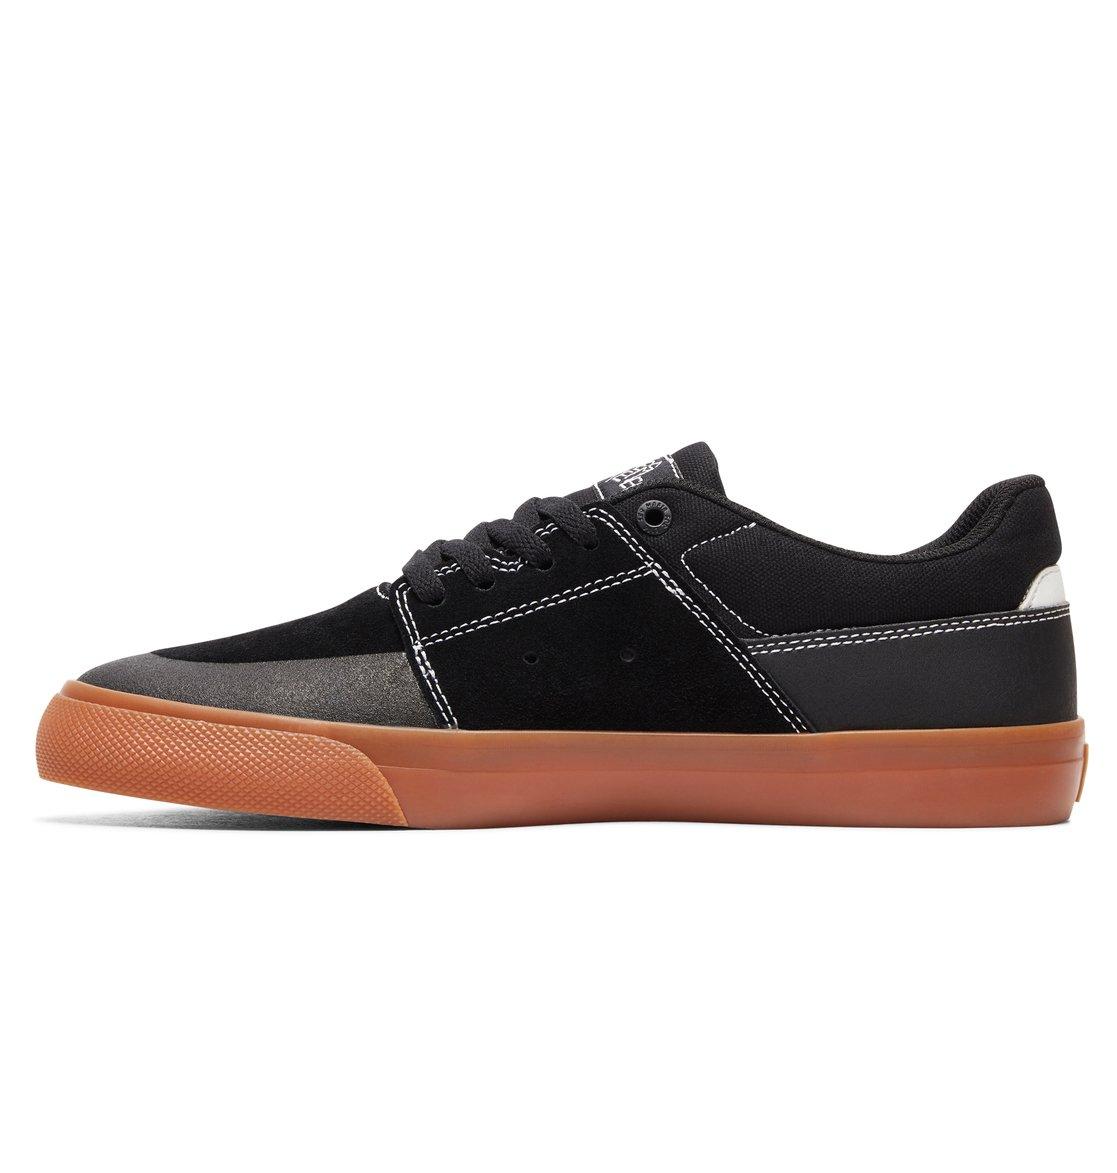 DC-Shoes-Wes-Kremer-Baskets-pour-Homme-ADYS300315 miniature 12